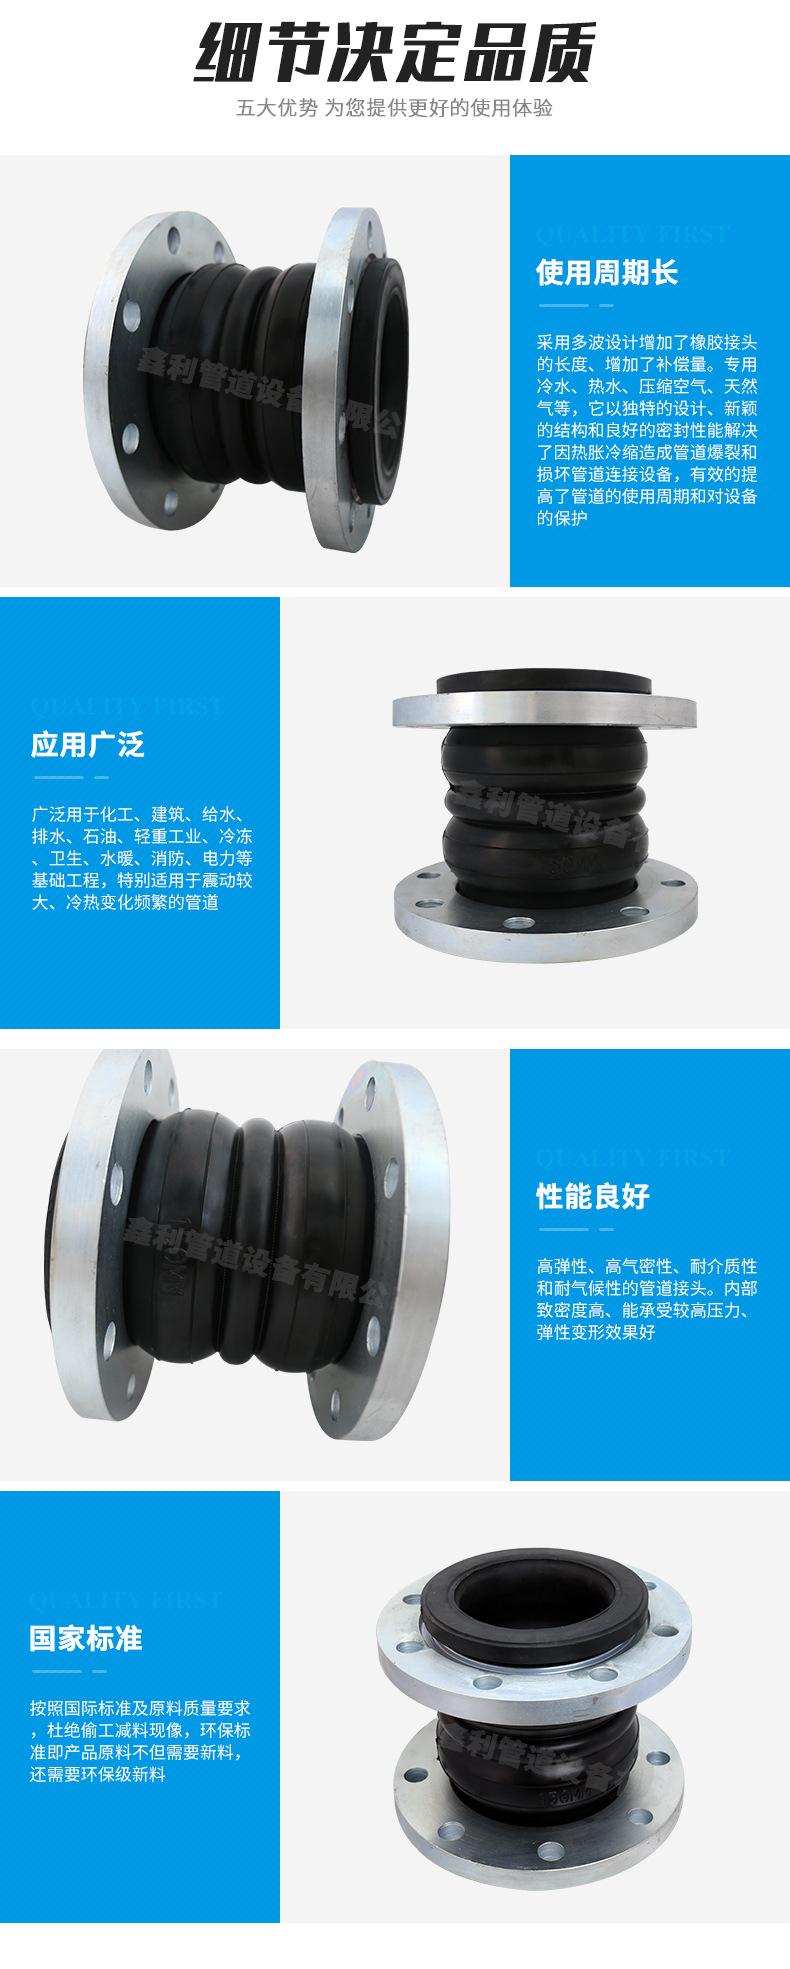 橡胶软接头常常安裝在管道上的哪些位置?